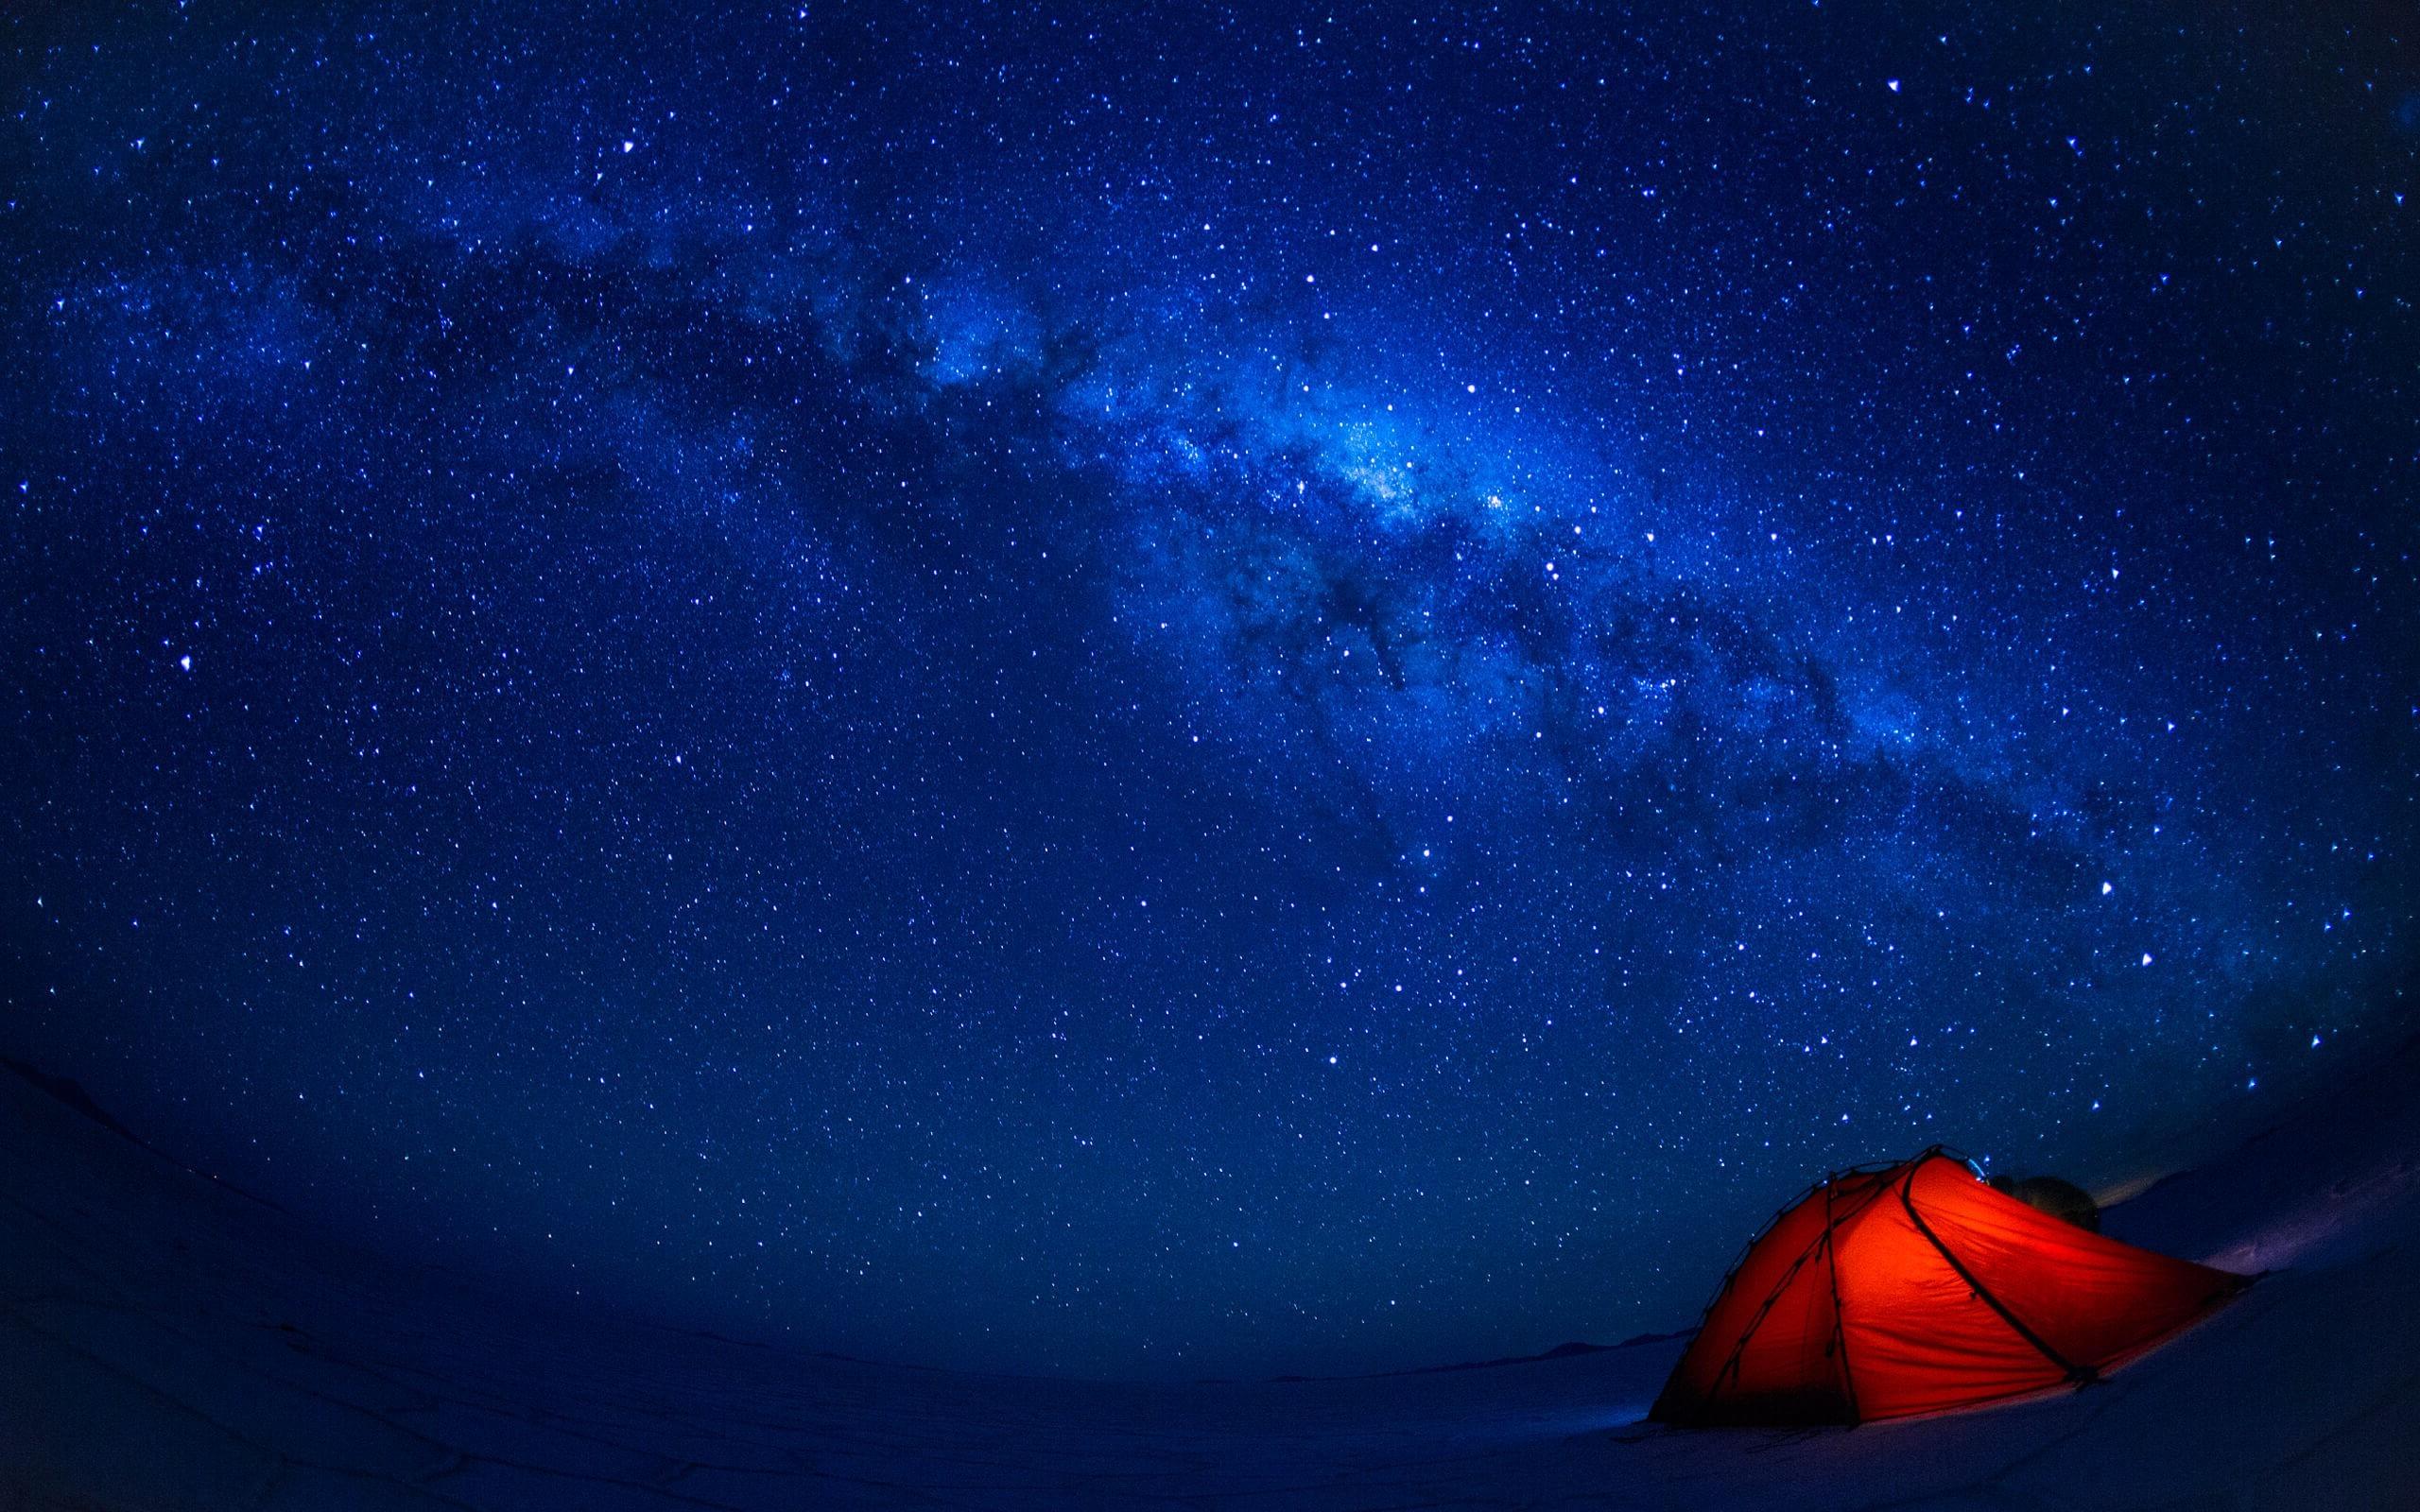 обои на рабочий стол палатка звездное небо